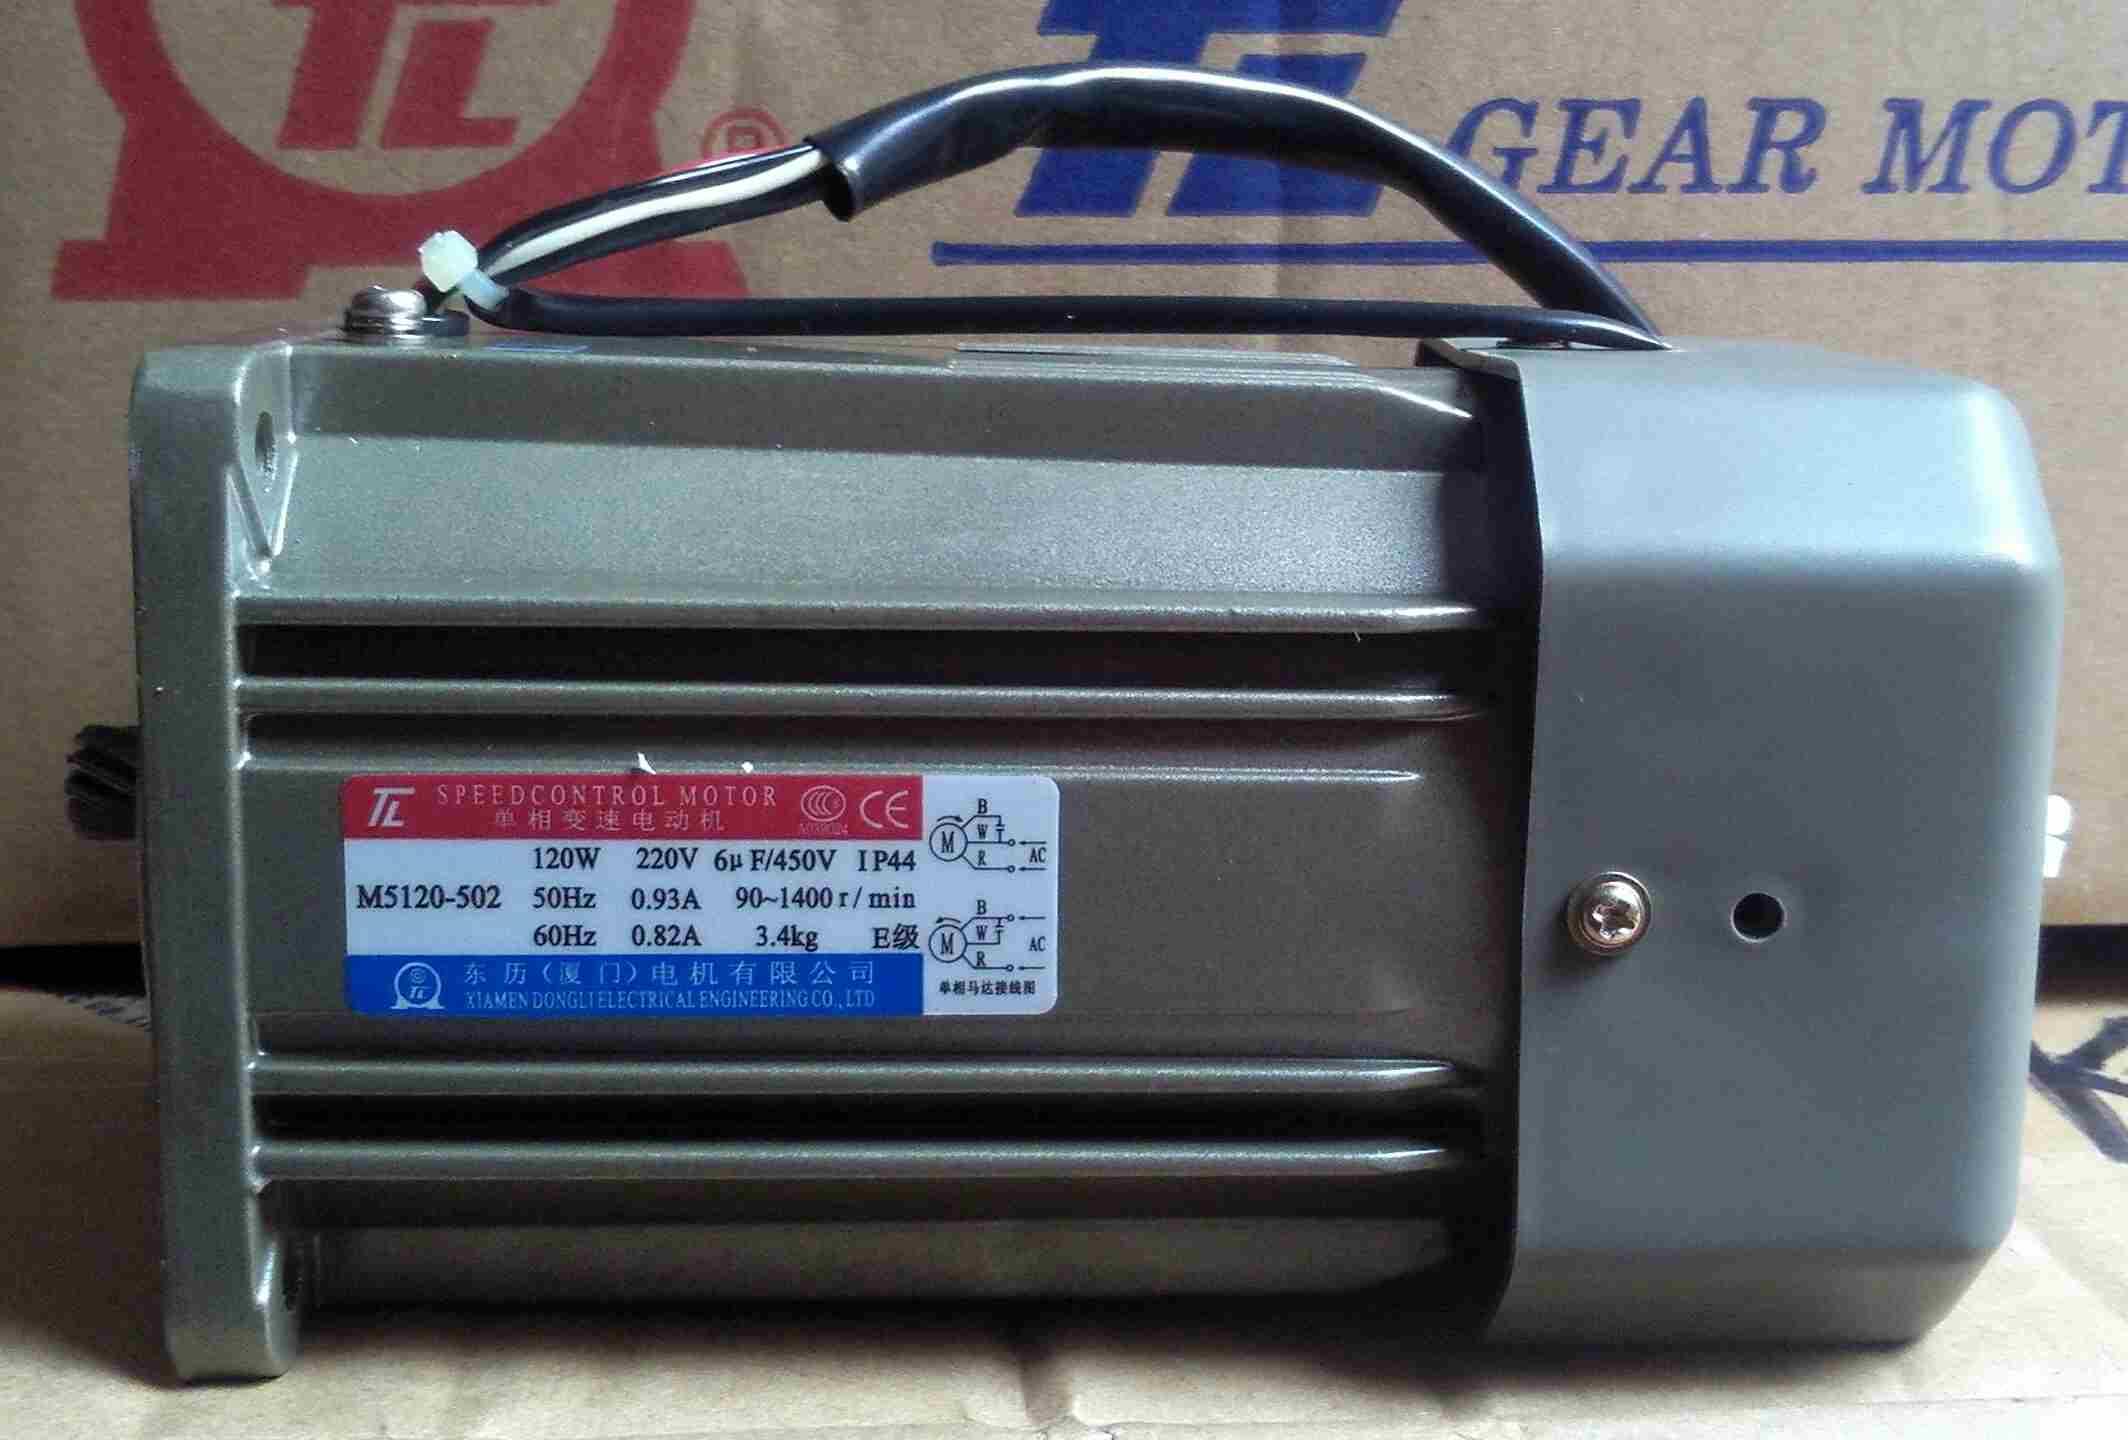 东历电机调速:M5120502 马力HP:120W 电压V:220V 可配减速箱:4GN,5GUK,5GUKB 可配减速比:3:11800:1 可配调速器:US02,SS32 可附电磁刹车器 东历电机选型的依据是什么--电流 静力矩一样的电机,由于电流参数不同,其运行特性差别很大,可依据矩频特性曲线图,判断电机的电流(参考驱动电源、及驱动电压).